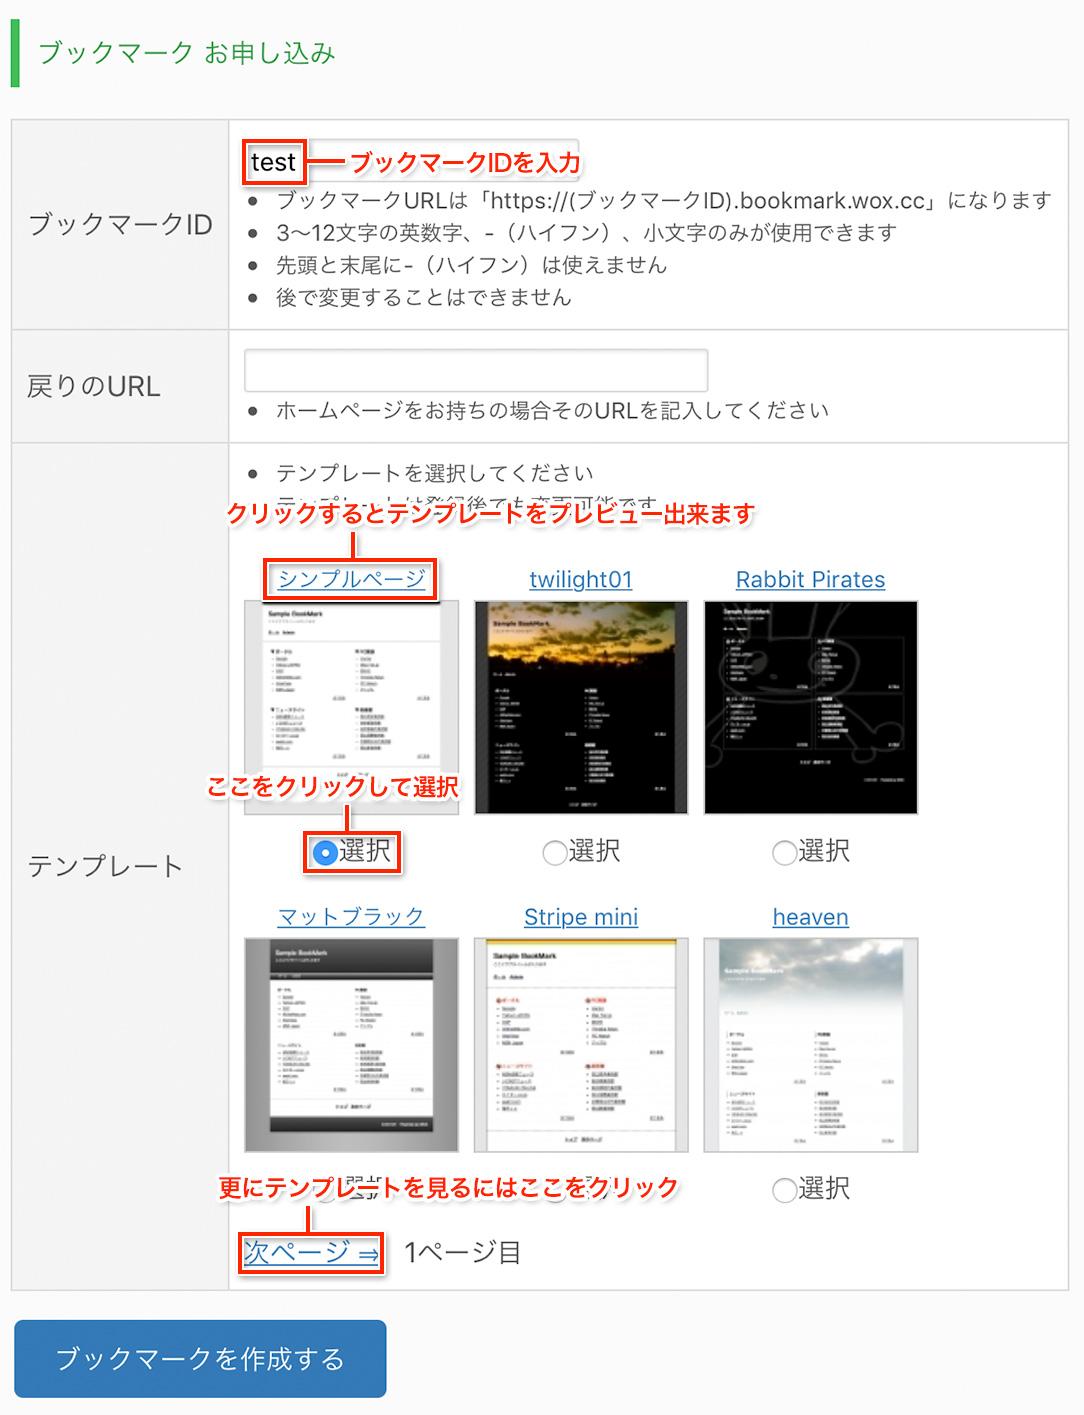 ブックマークの申し込み画面